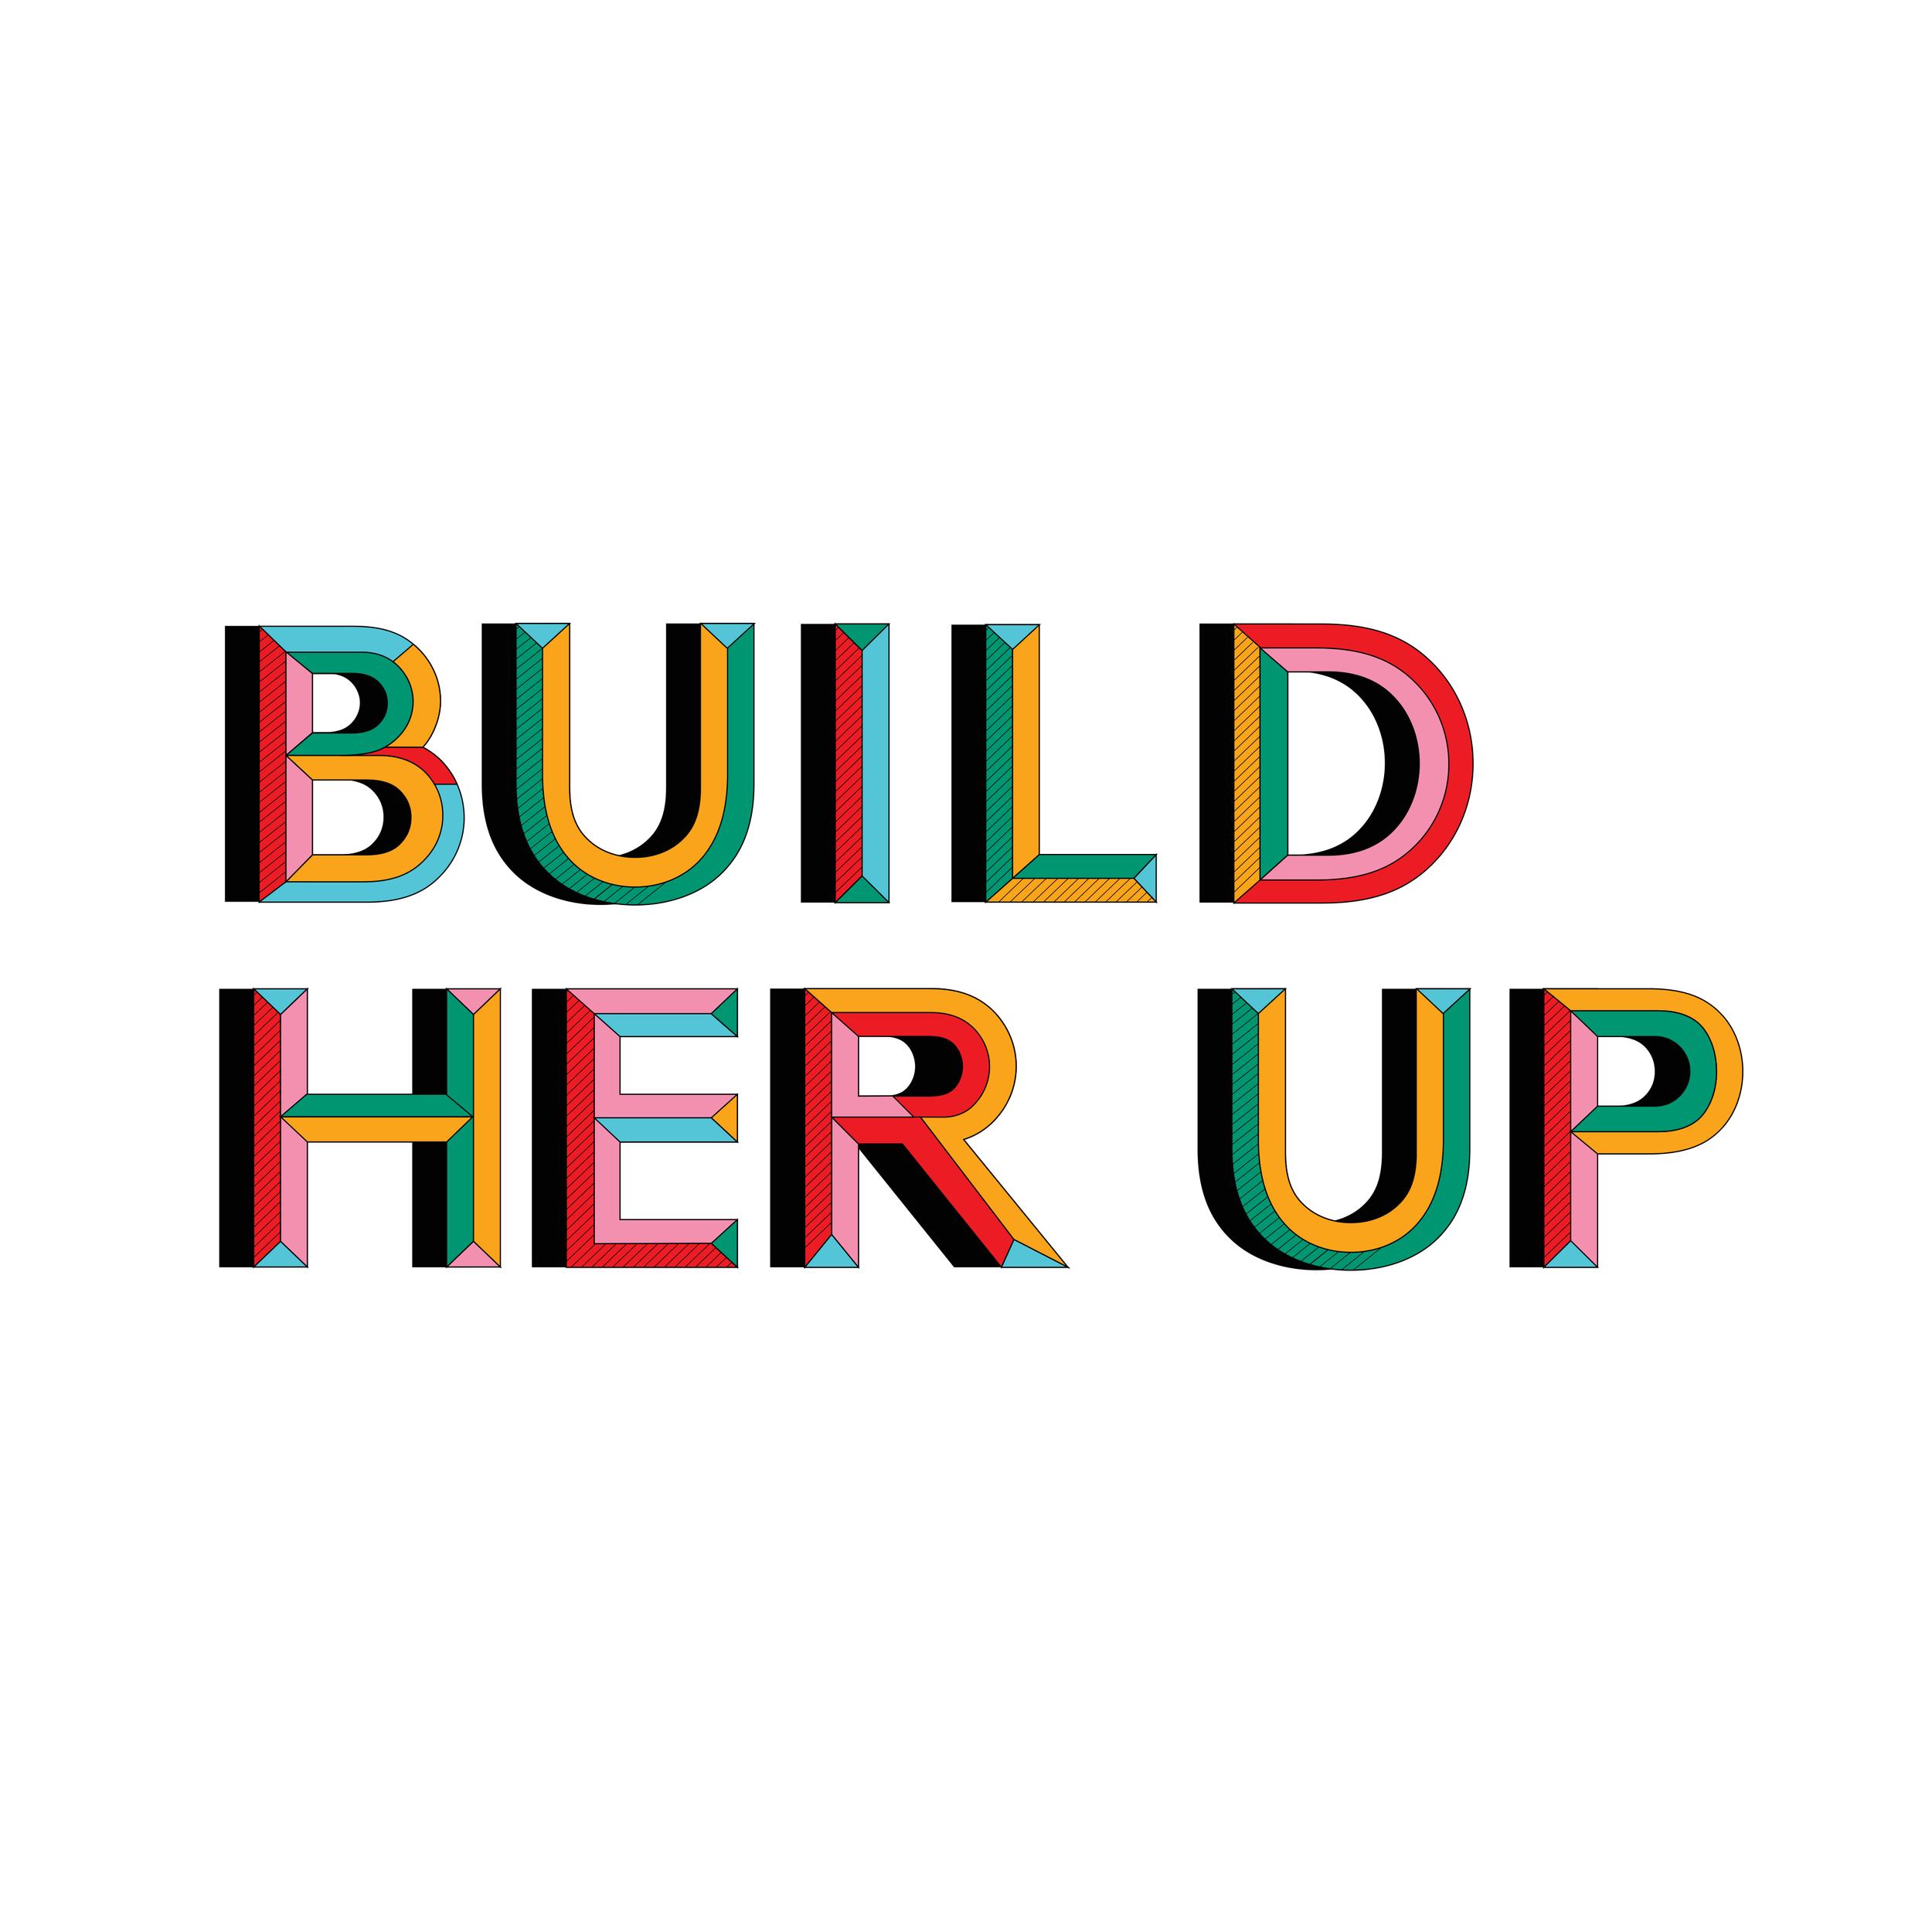 Yazmin_Monet_Butcher_buildherup.png